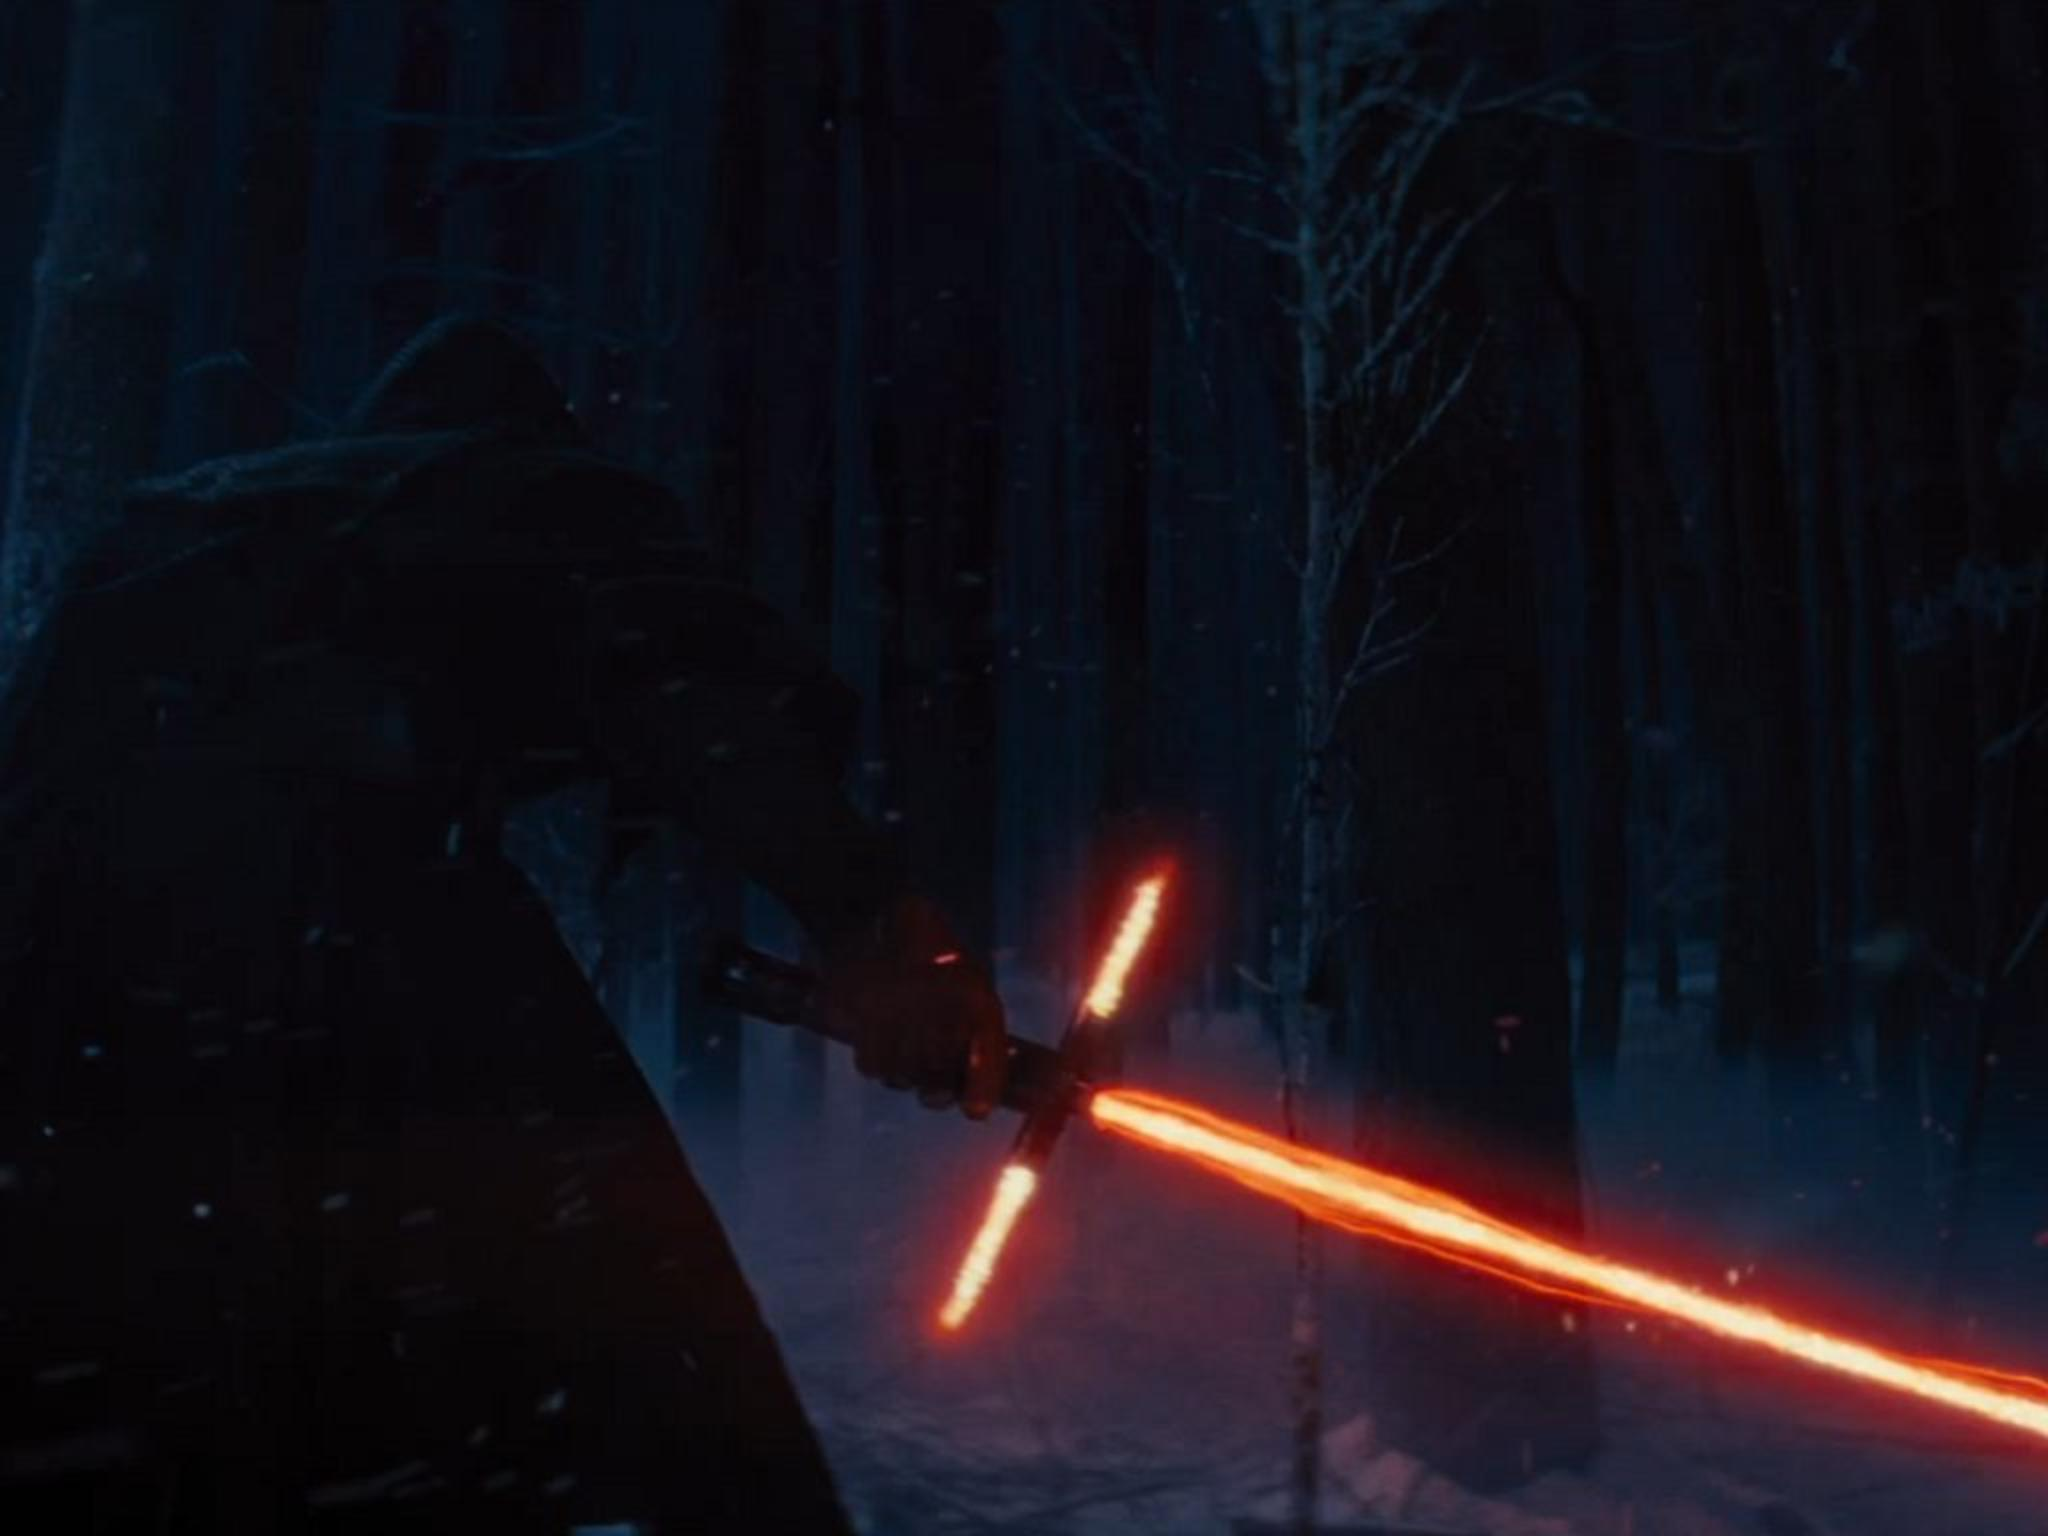 """Ist das der iSaber? Indirekt könnte Apple für das neue """"Star Wars""""-Lichtschwert verantwortlich sein."""